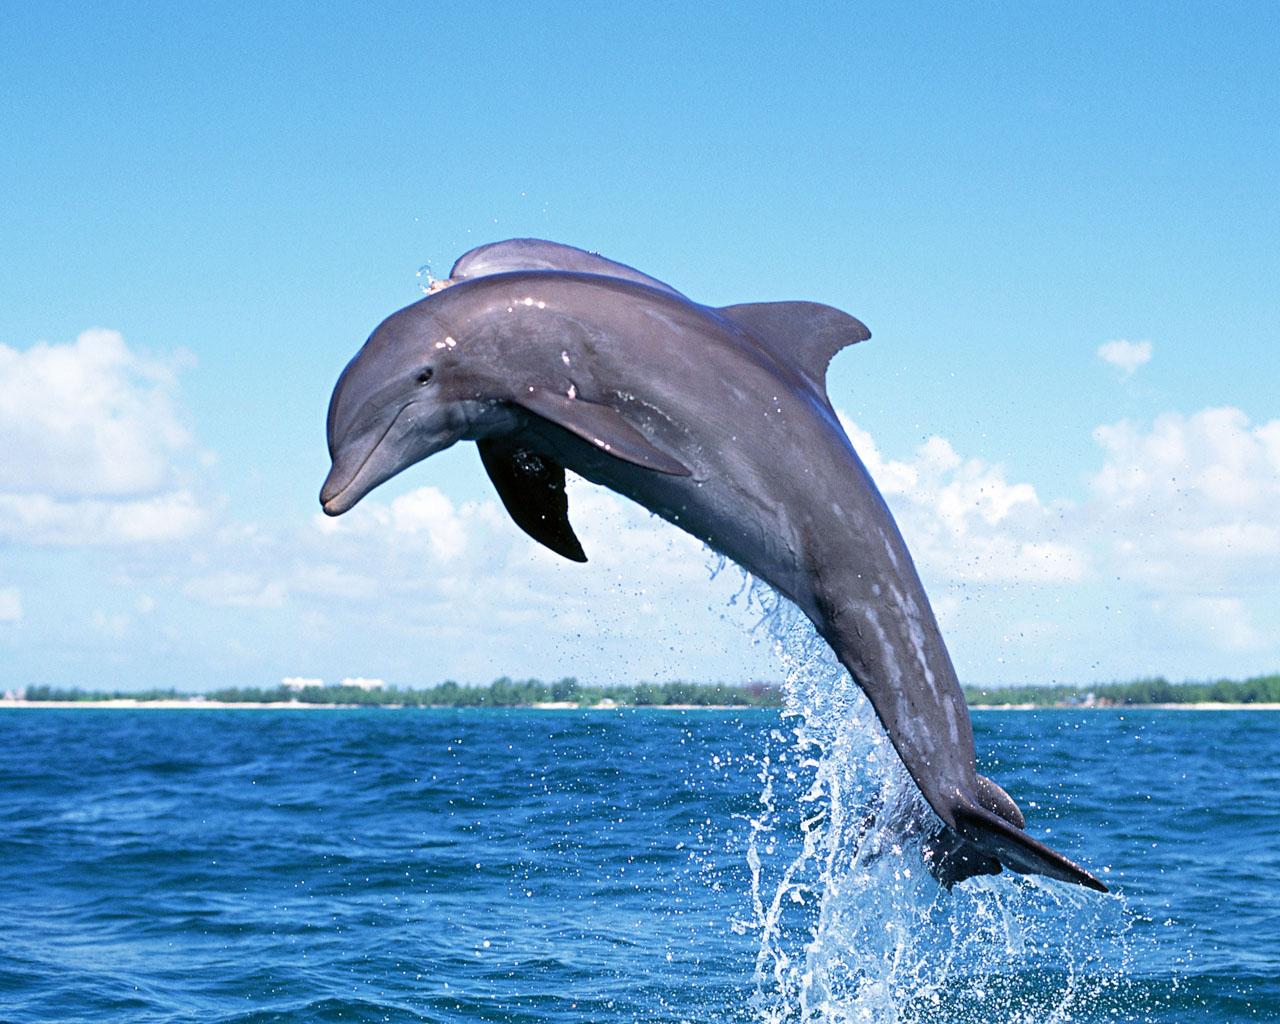 http://2.bp.blogspot.com/-DCARkjV1ktk/T8OaHdRoseI/AAAAAAAACu8/M4PnezLelps/s1600/Dolphin-Jumping.jpg